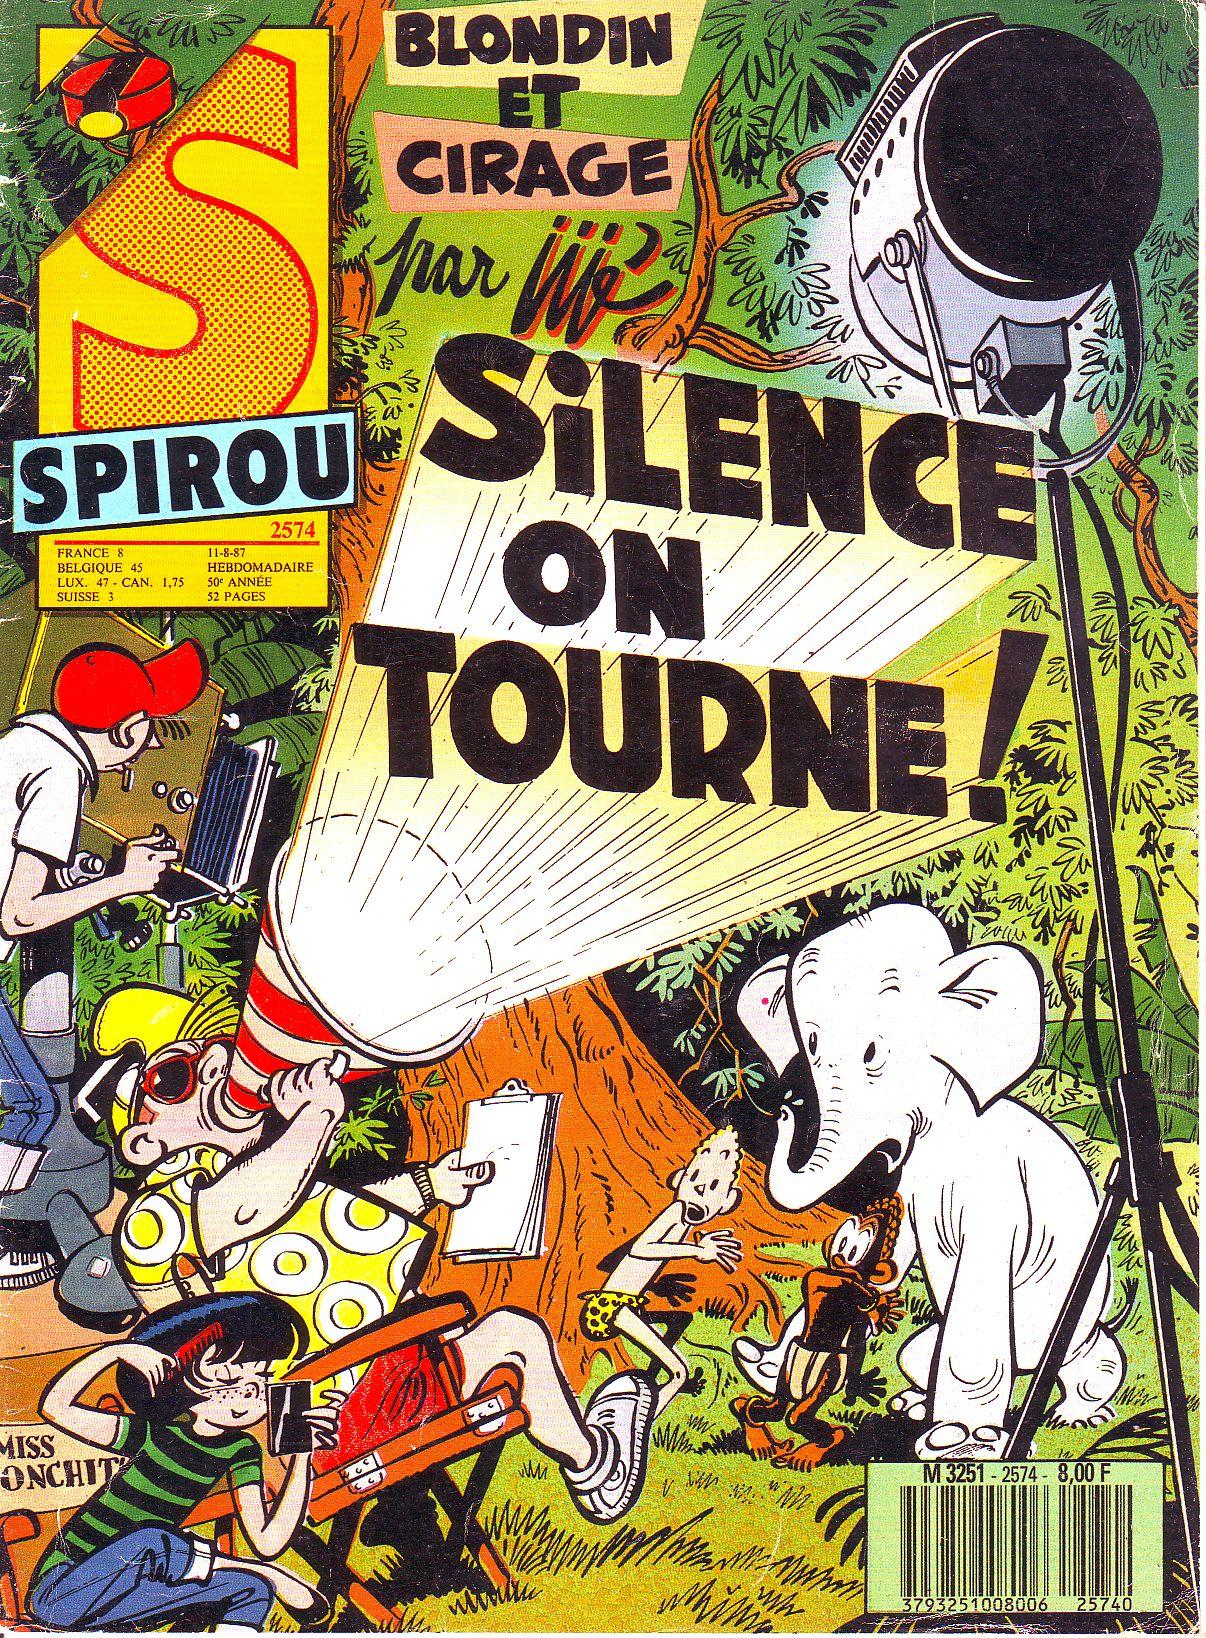 Le journal de Spirou 2574